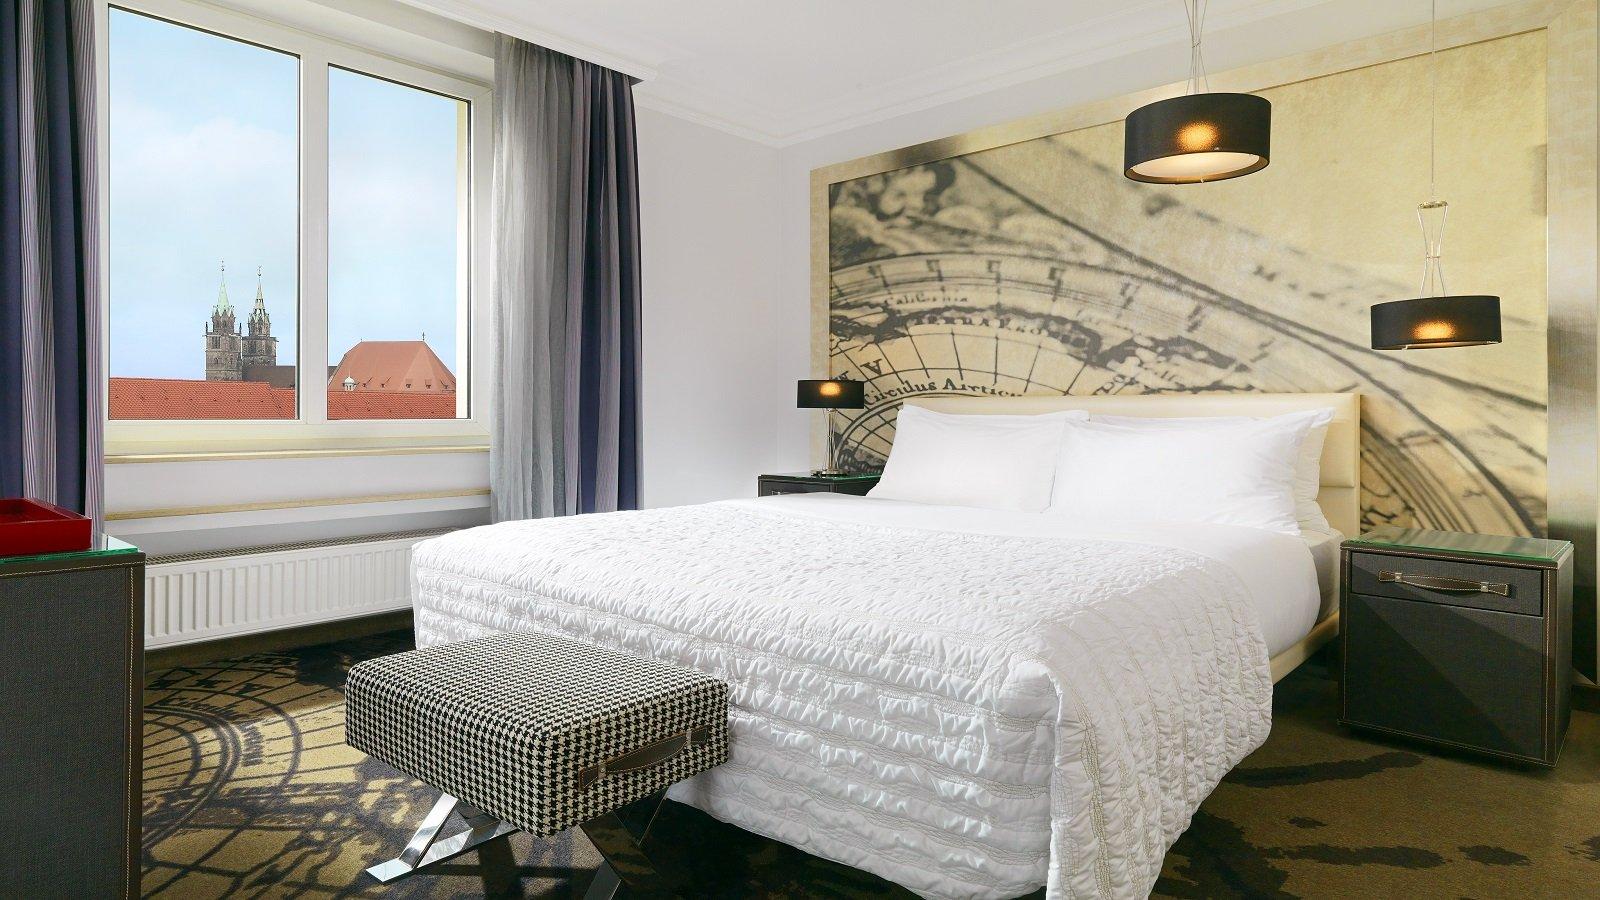 Le Meridien Grand Hotel Nurnberg  UPDATED 2017 Reviews